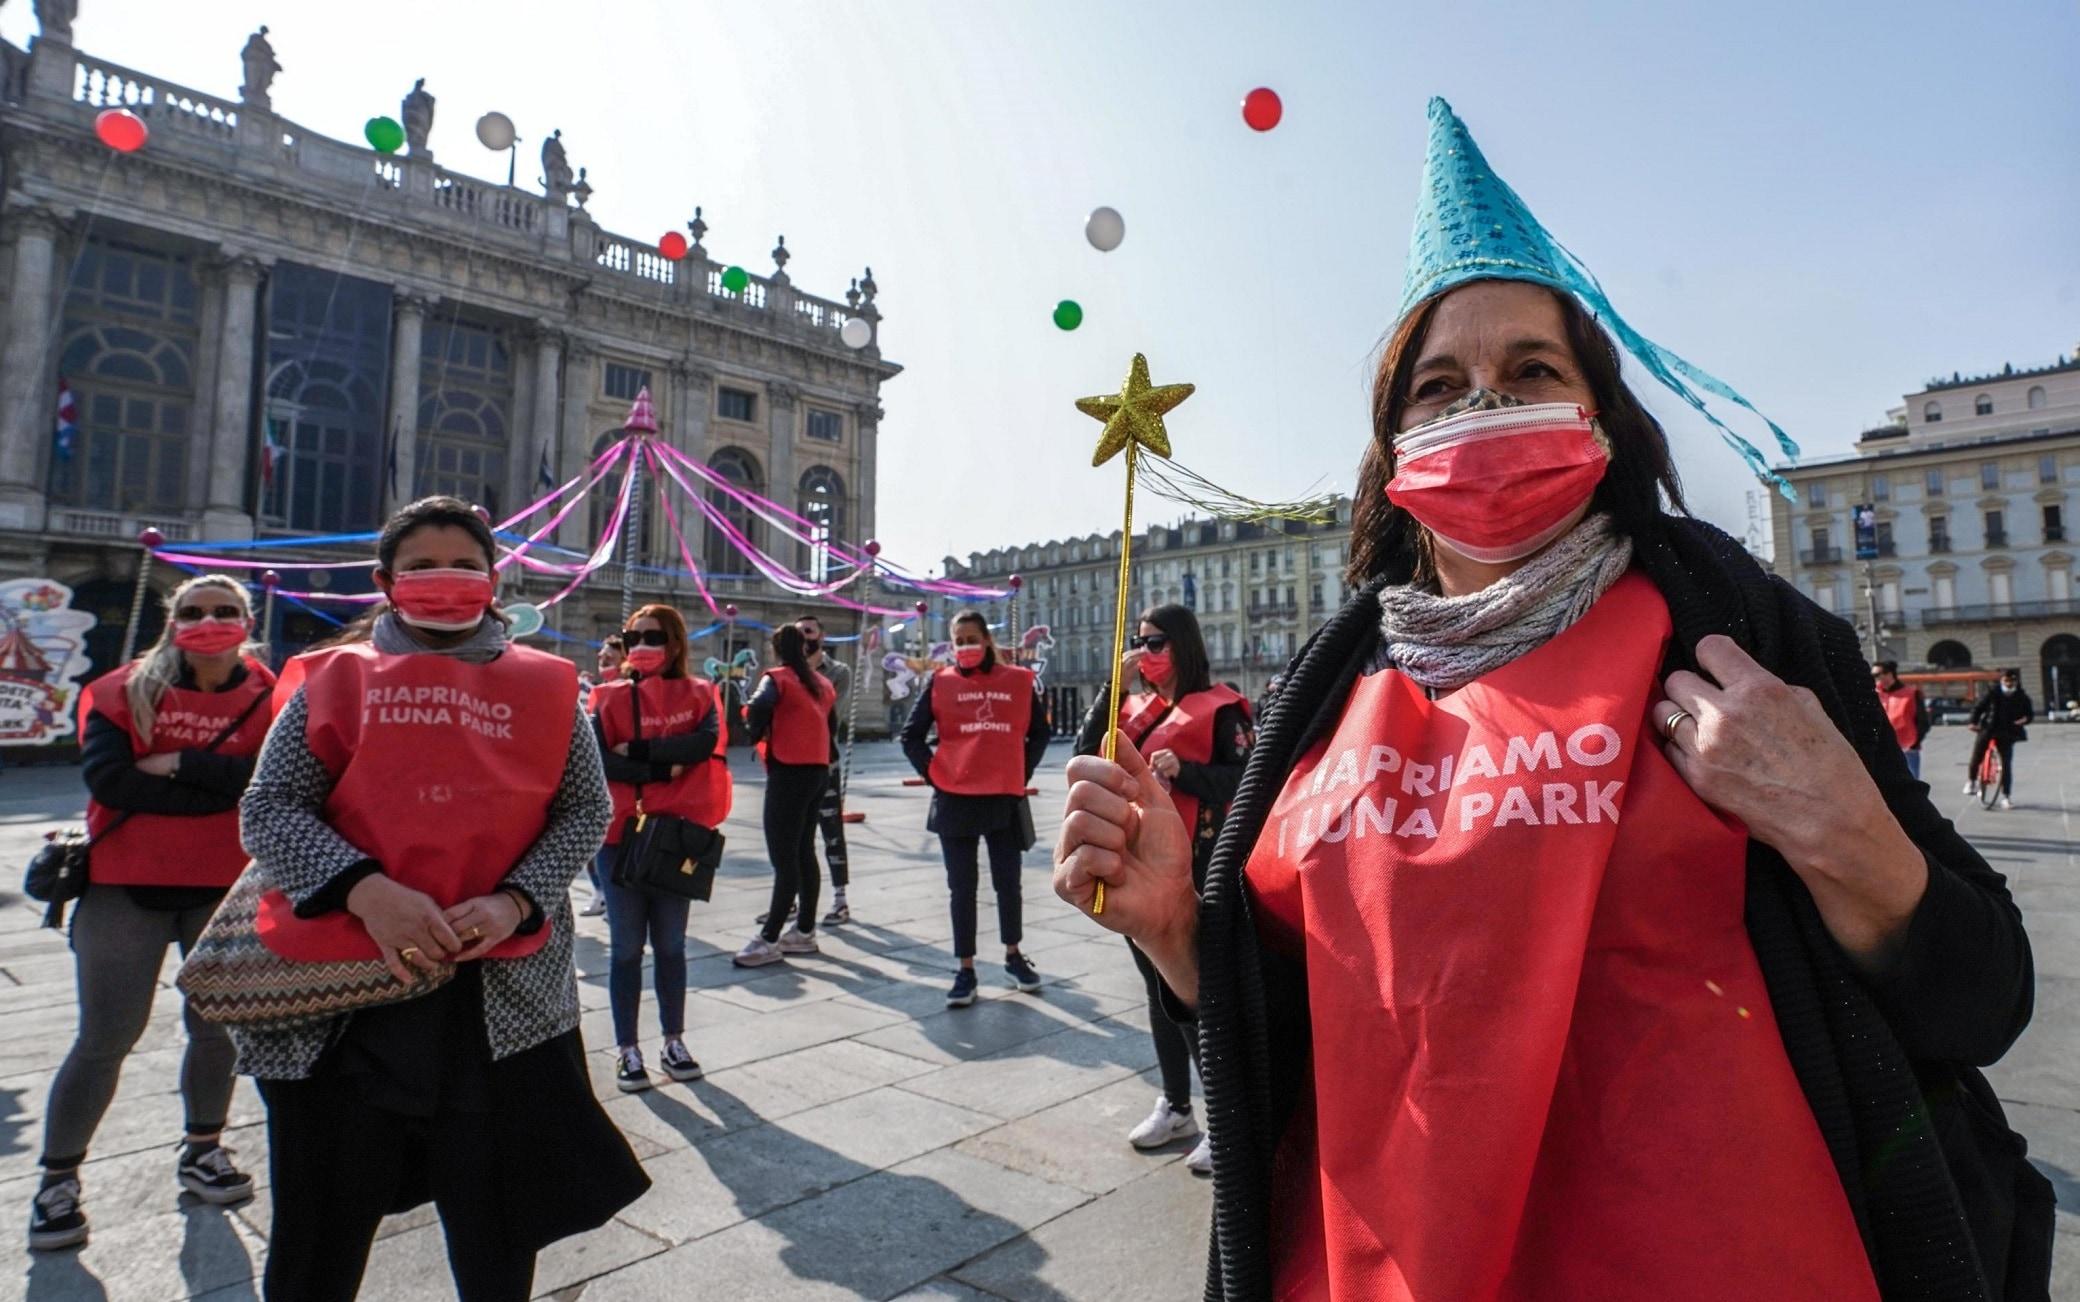 La protesta in piazza Castello a Torino di giostrai e circensi